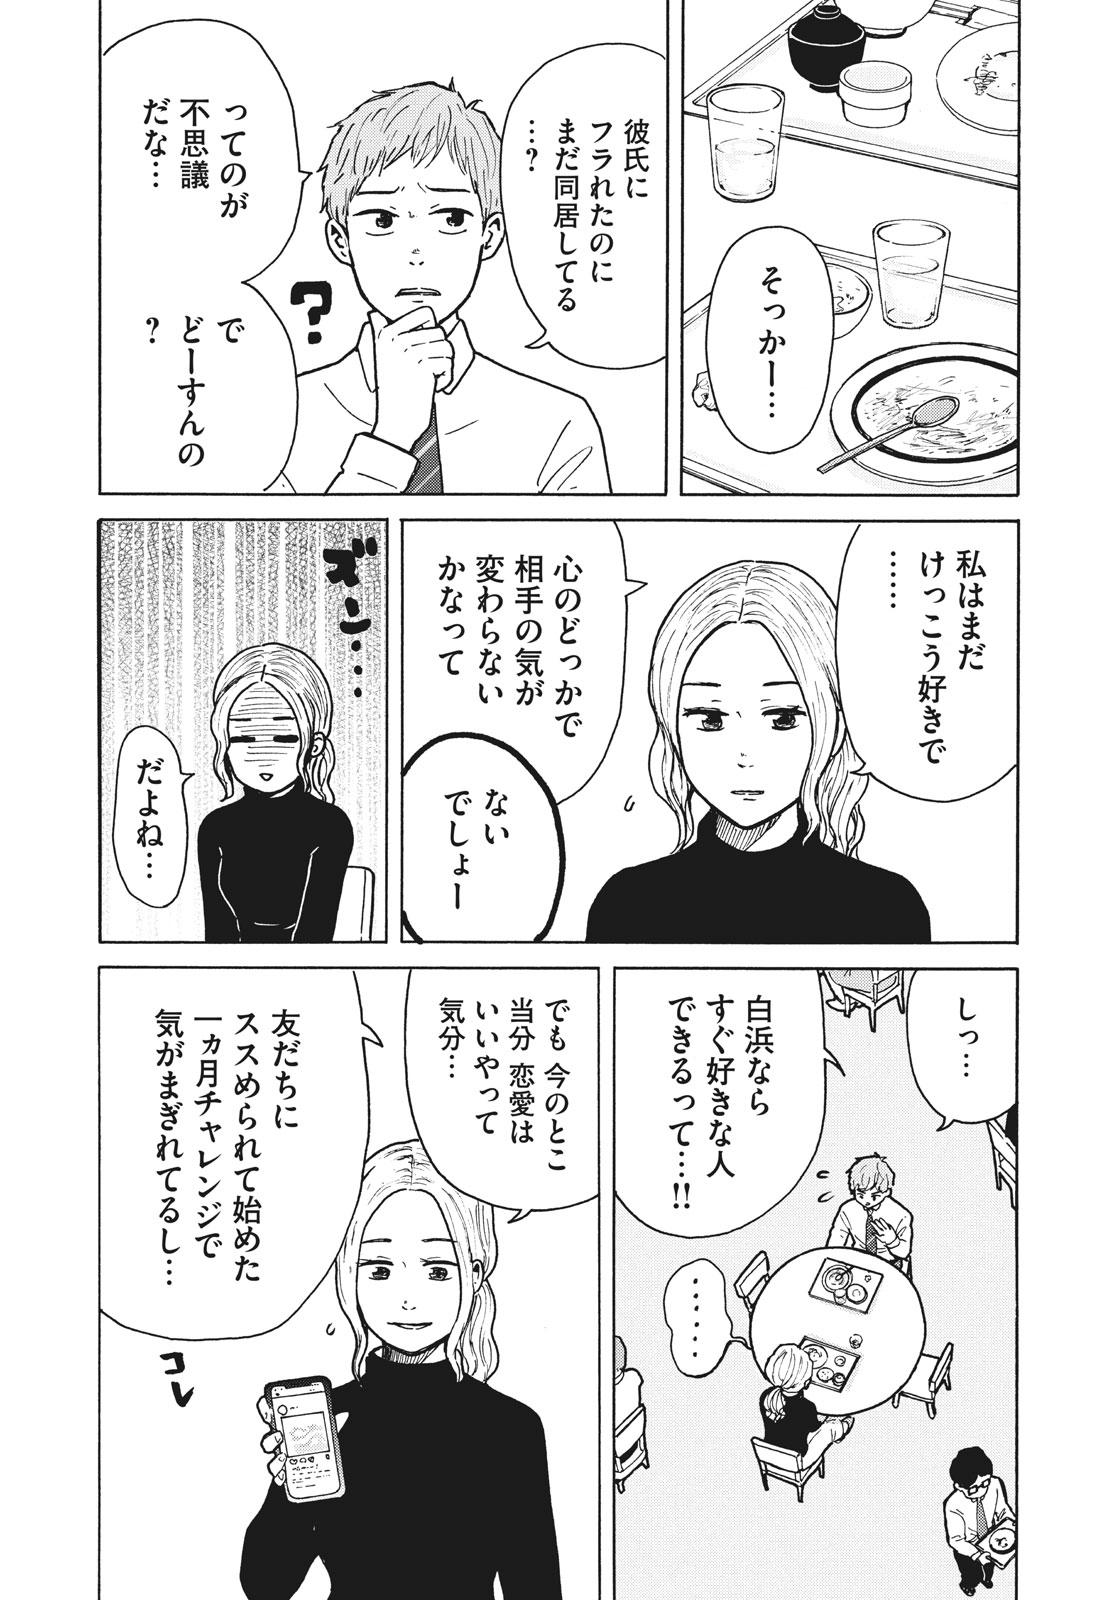 003_30日_2019_006_E.jpg